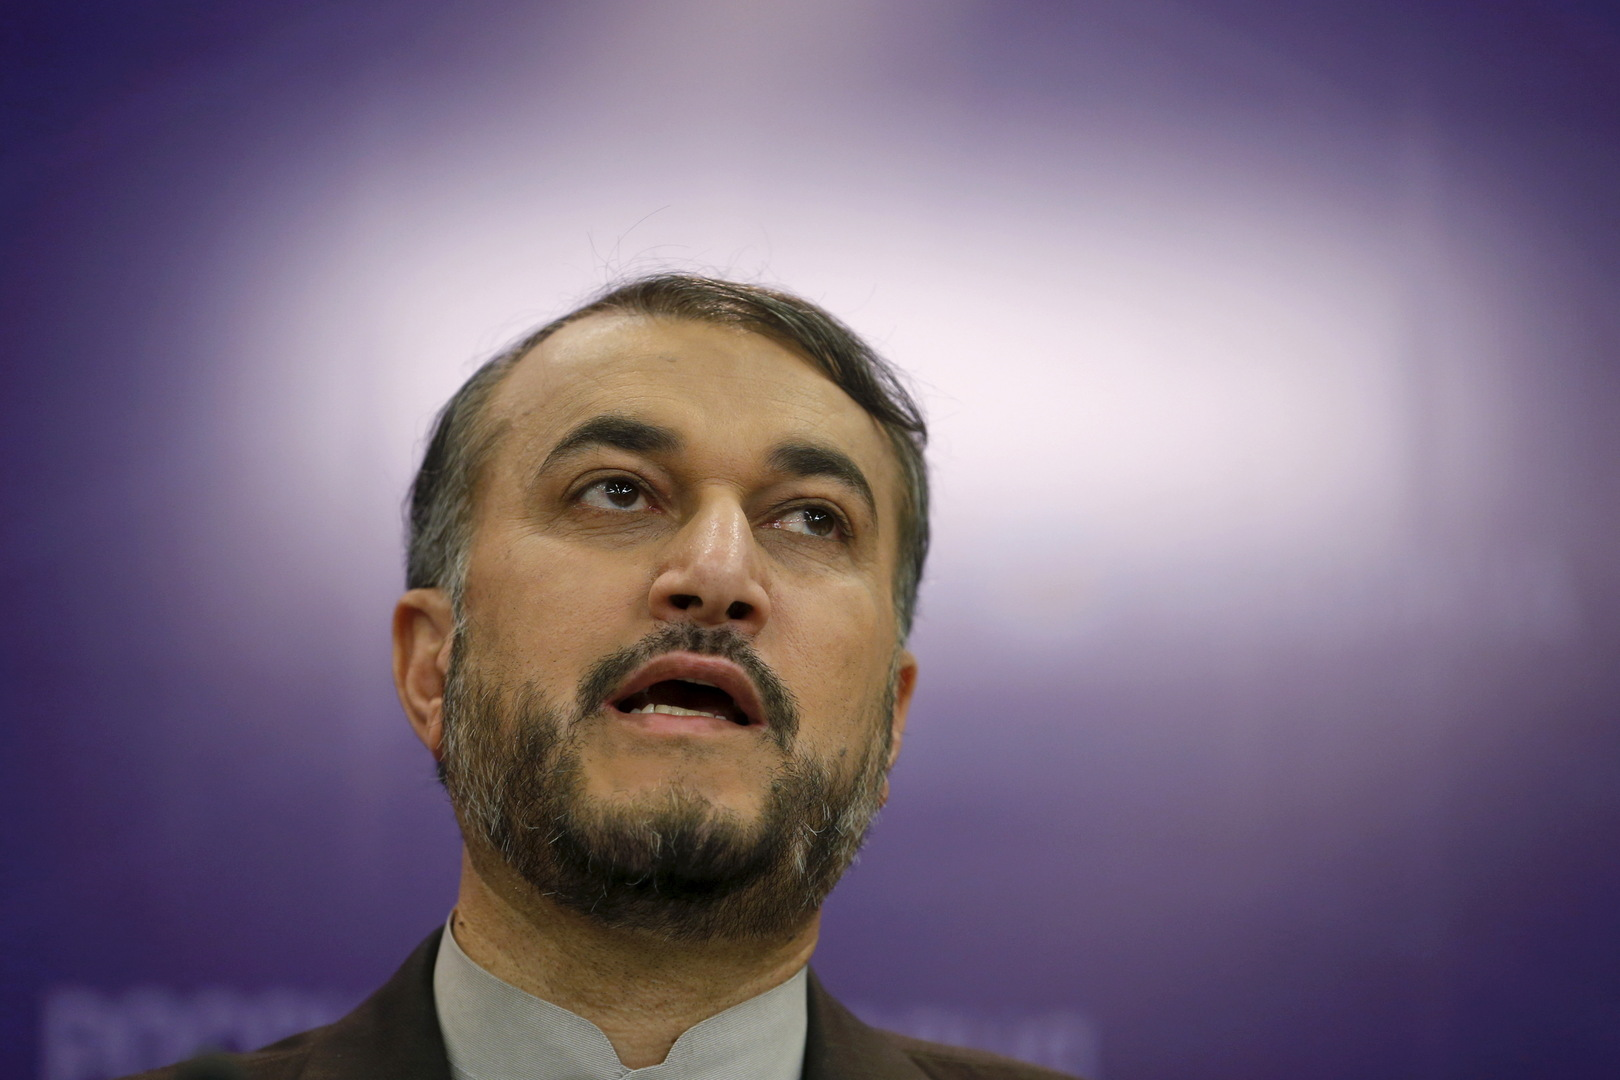 عبد اللهيان: طهران ستتخذ قرار عودتها للاتفاق النووي وفقا للسلوك العملي للأمريكيين